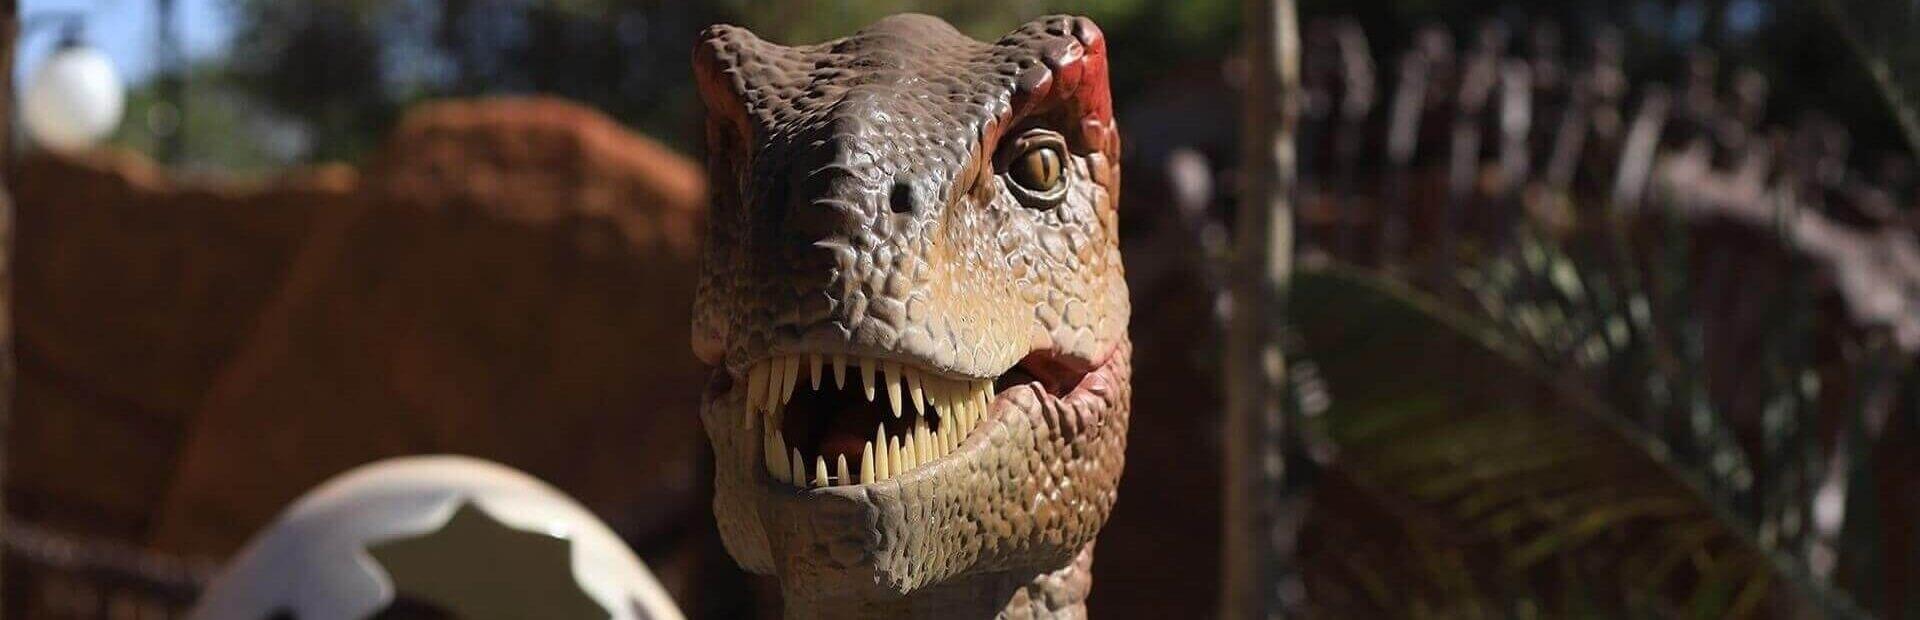 Imagem representativa: Parque Temático Vale dos Dinossauros de Olímpia SP | Comprar Ingressos